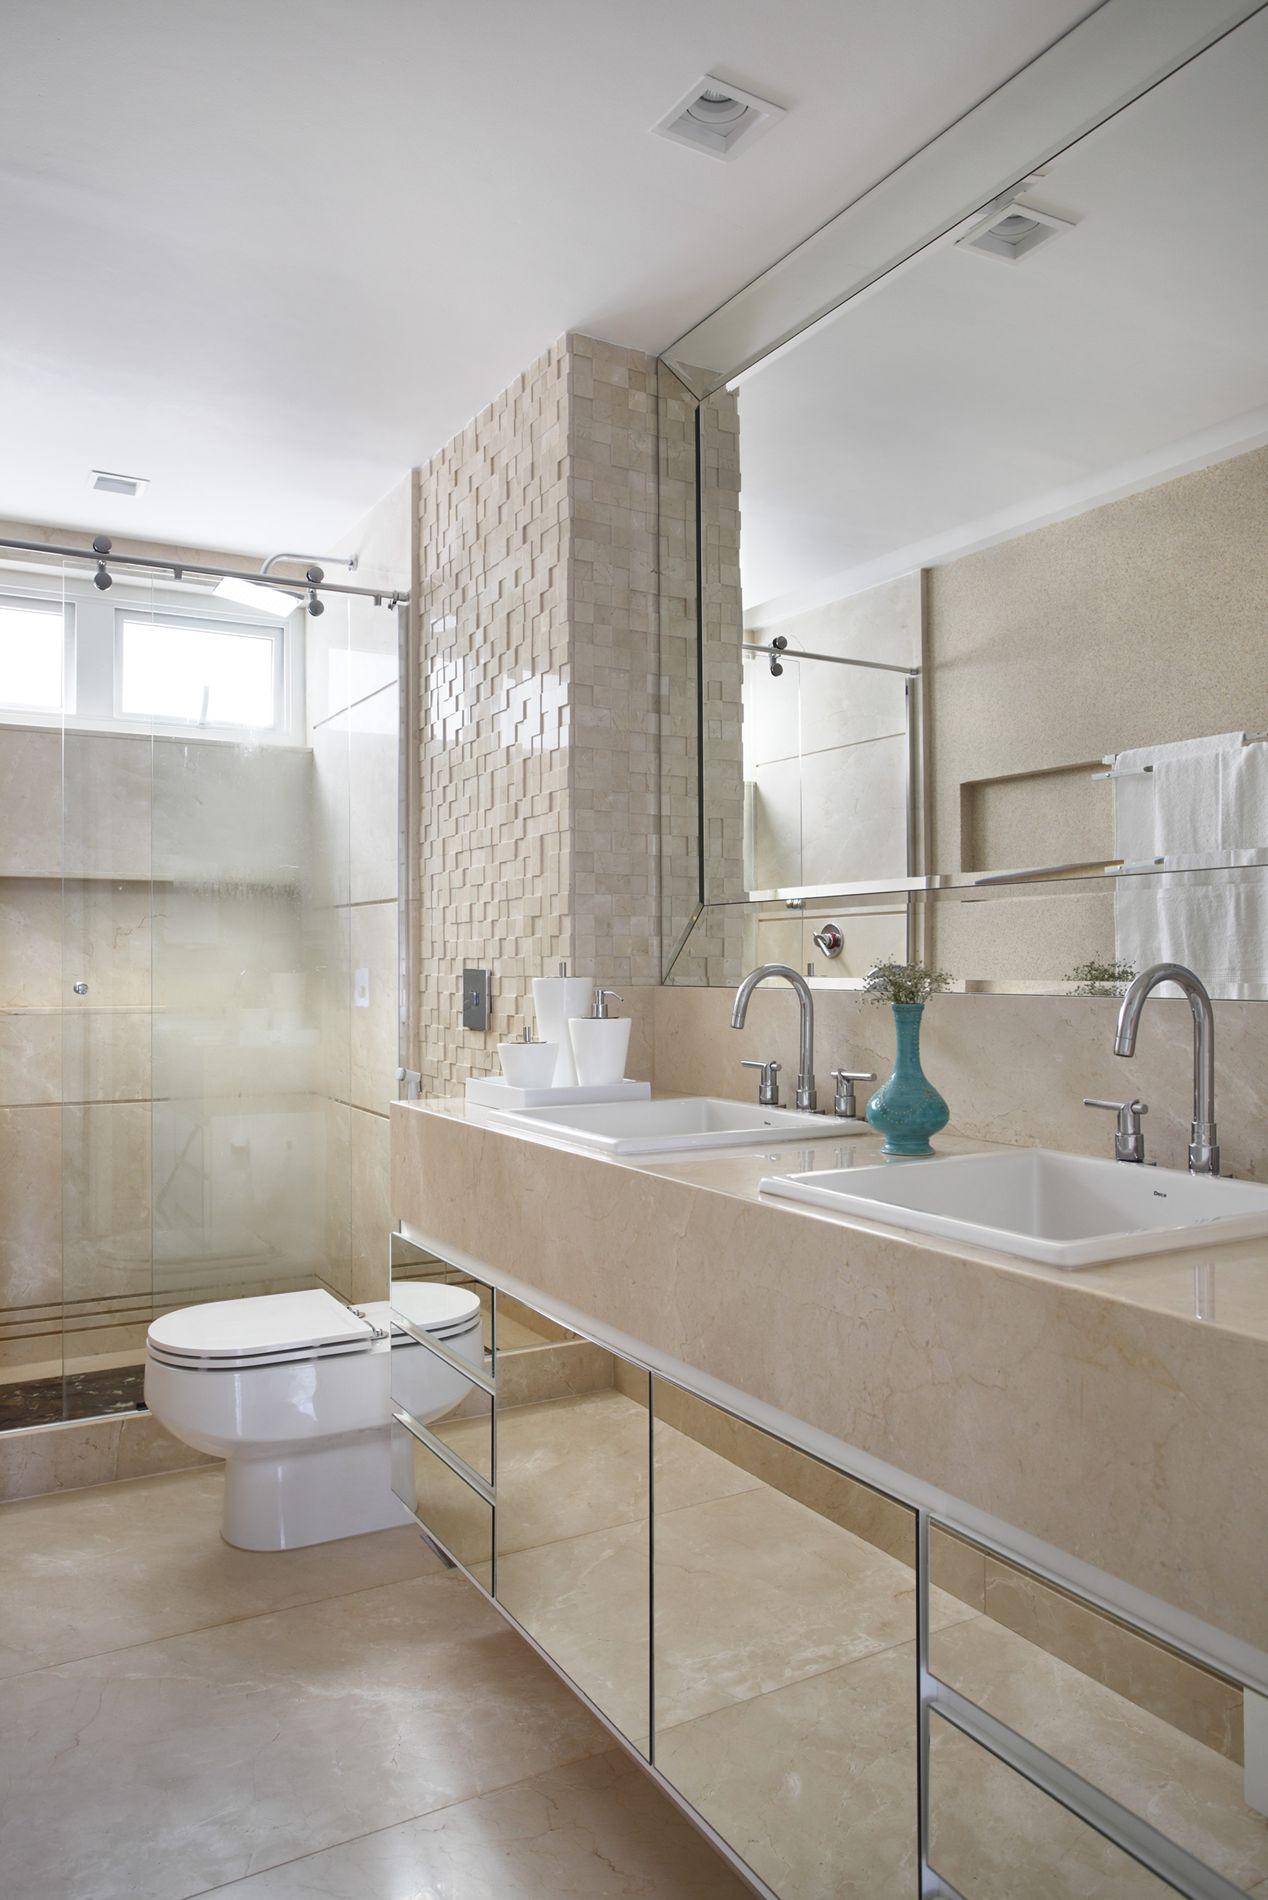 Banheiros  Bianca da Hora  Arquitetura e Interiores # Decoracao De Interiores Banheiros Pequenos